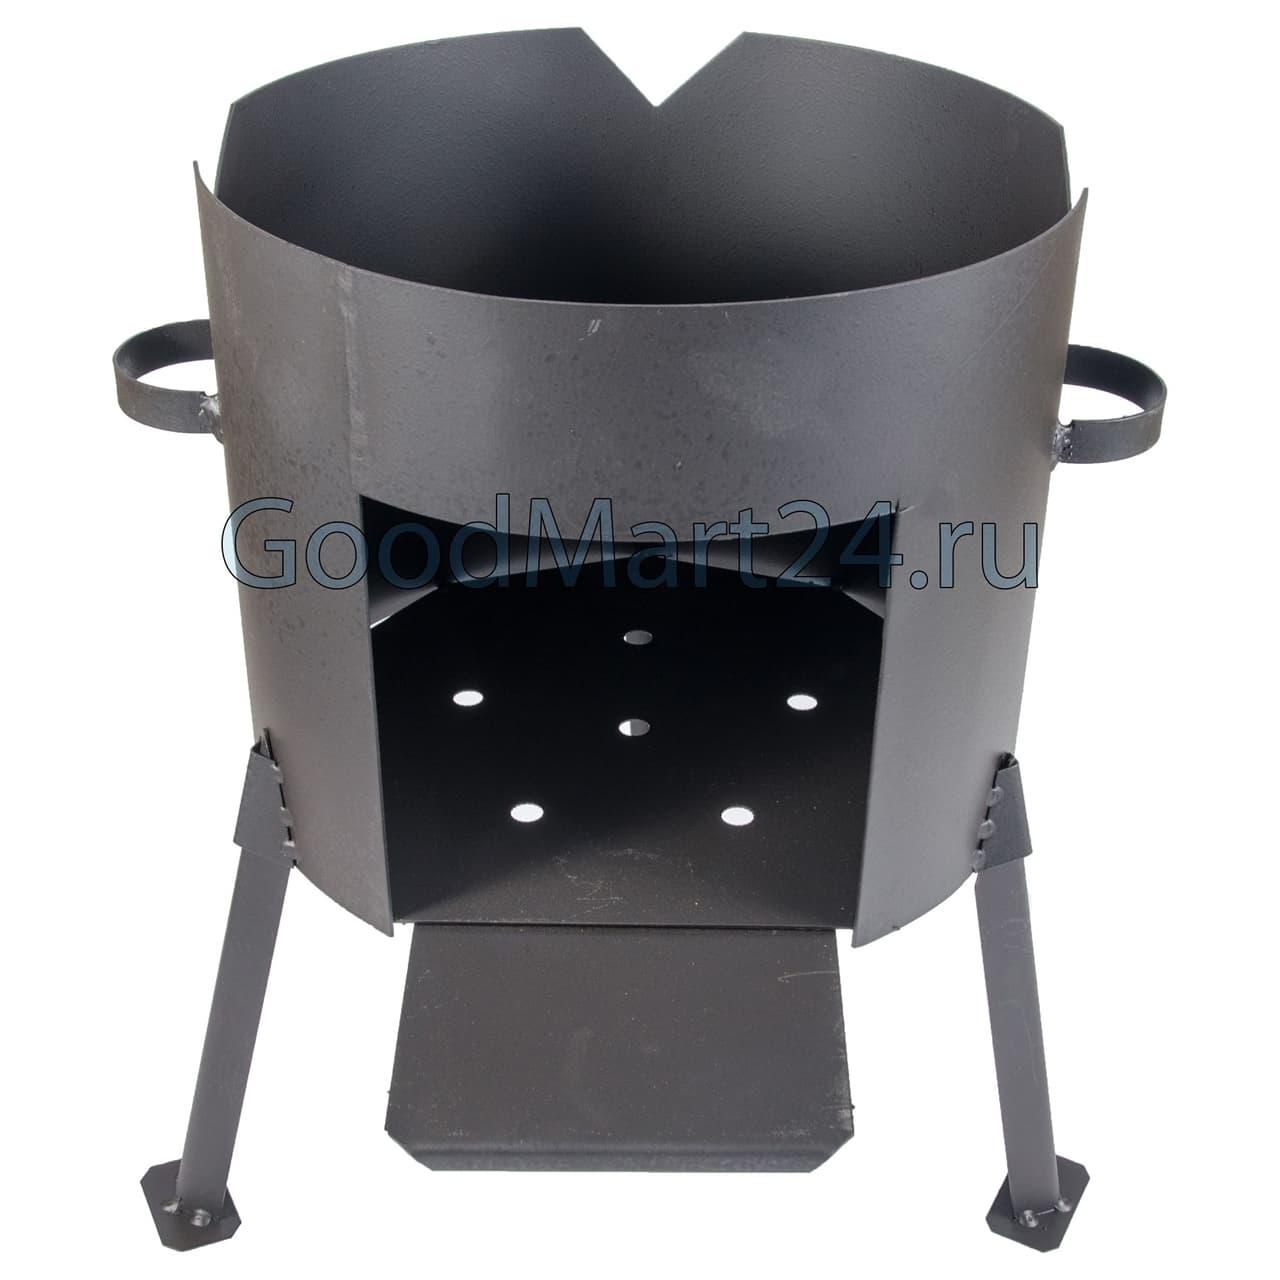 Чугунный казан 12 л. Балезинский ЛМЗ + Печь d-360 мм сталь 2 мм. - фото 4843